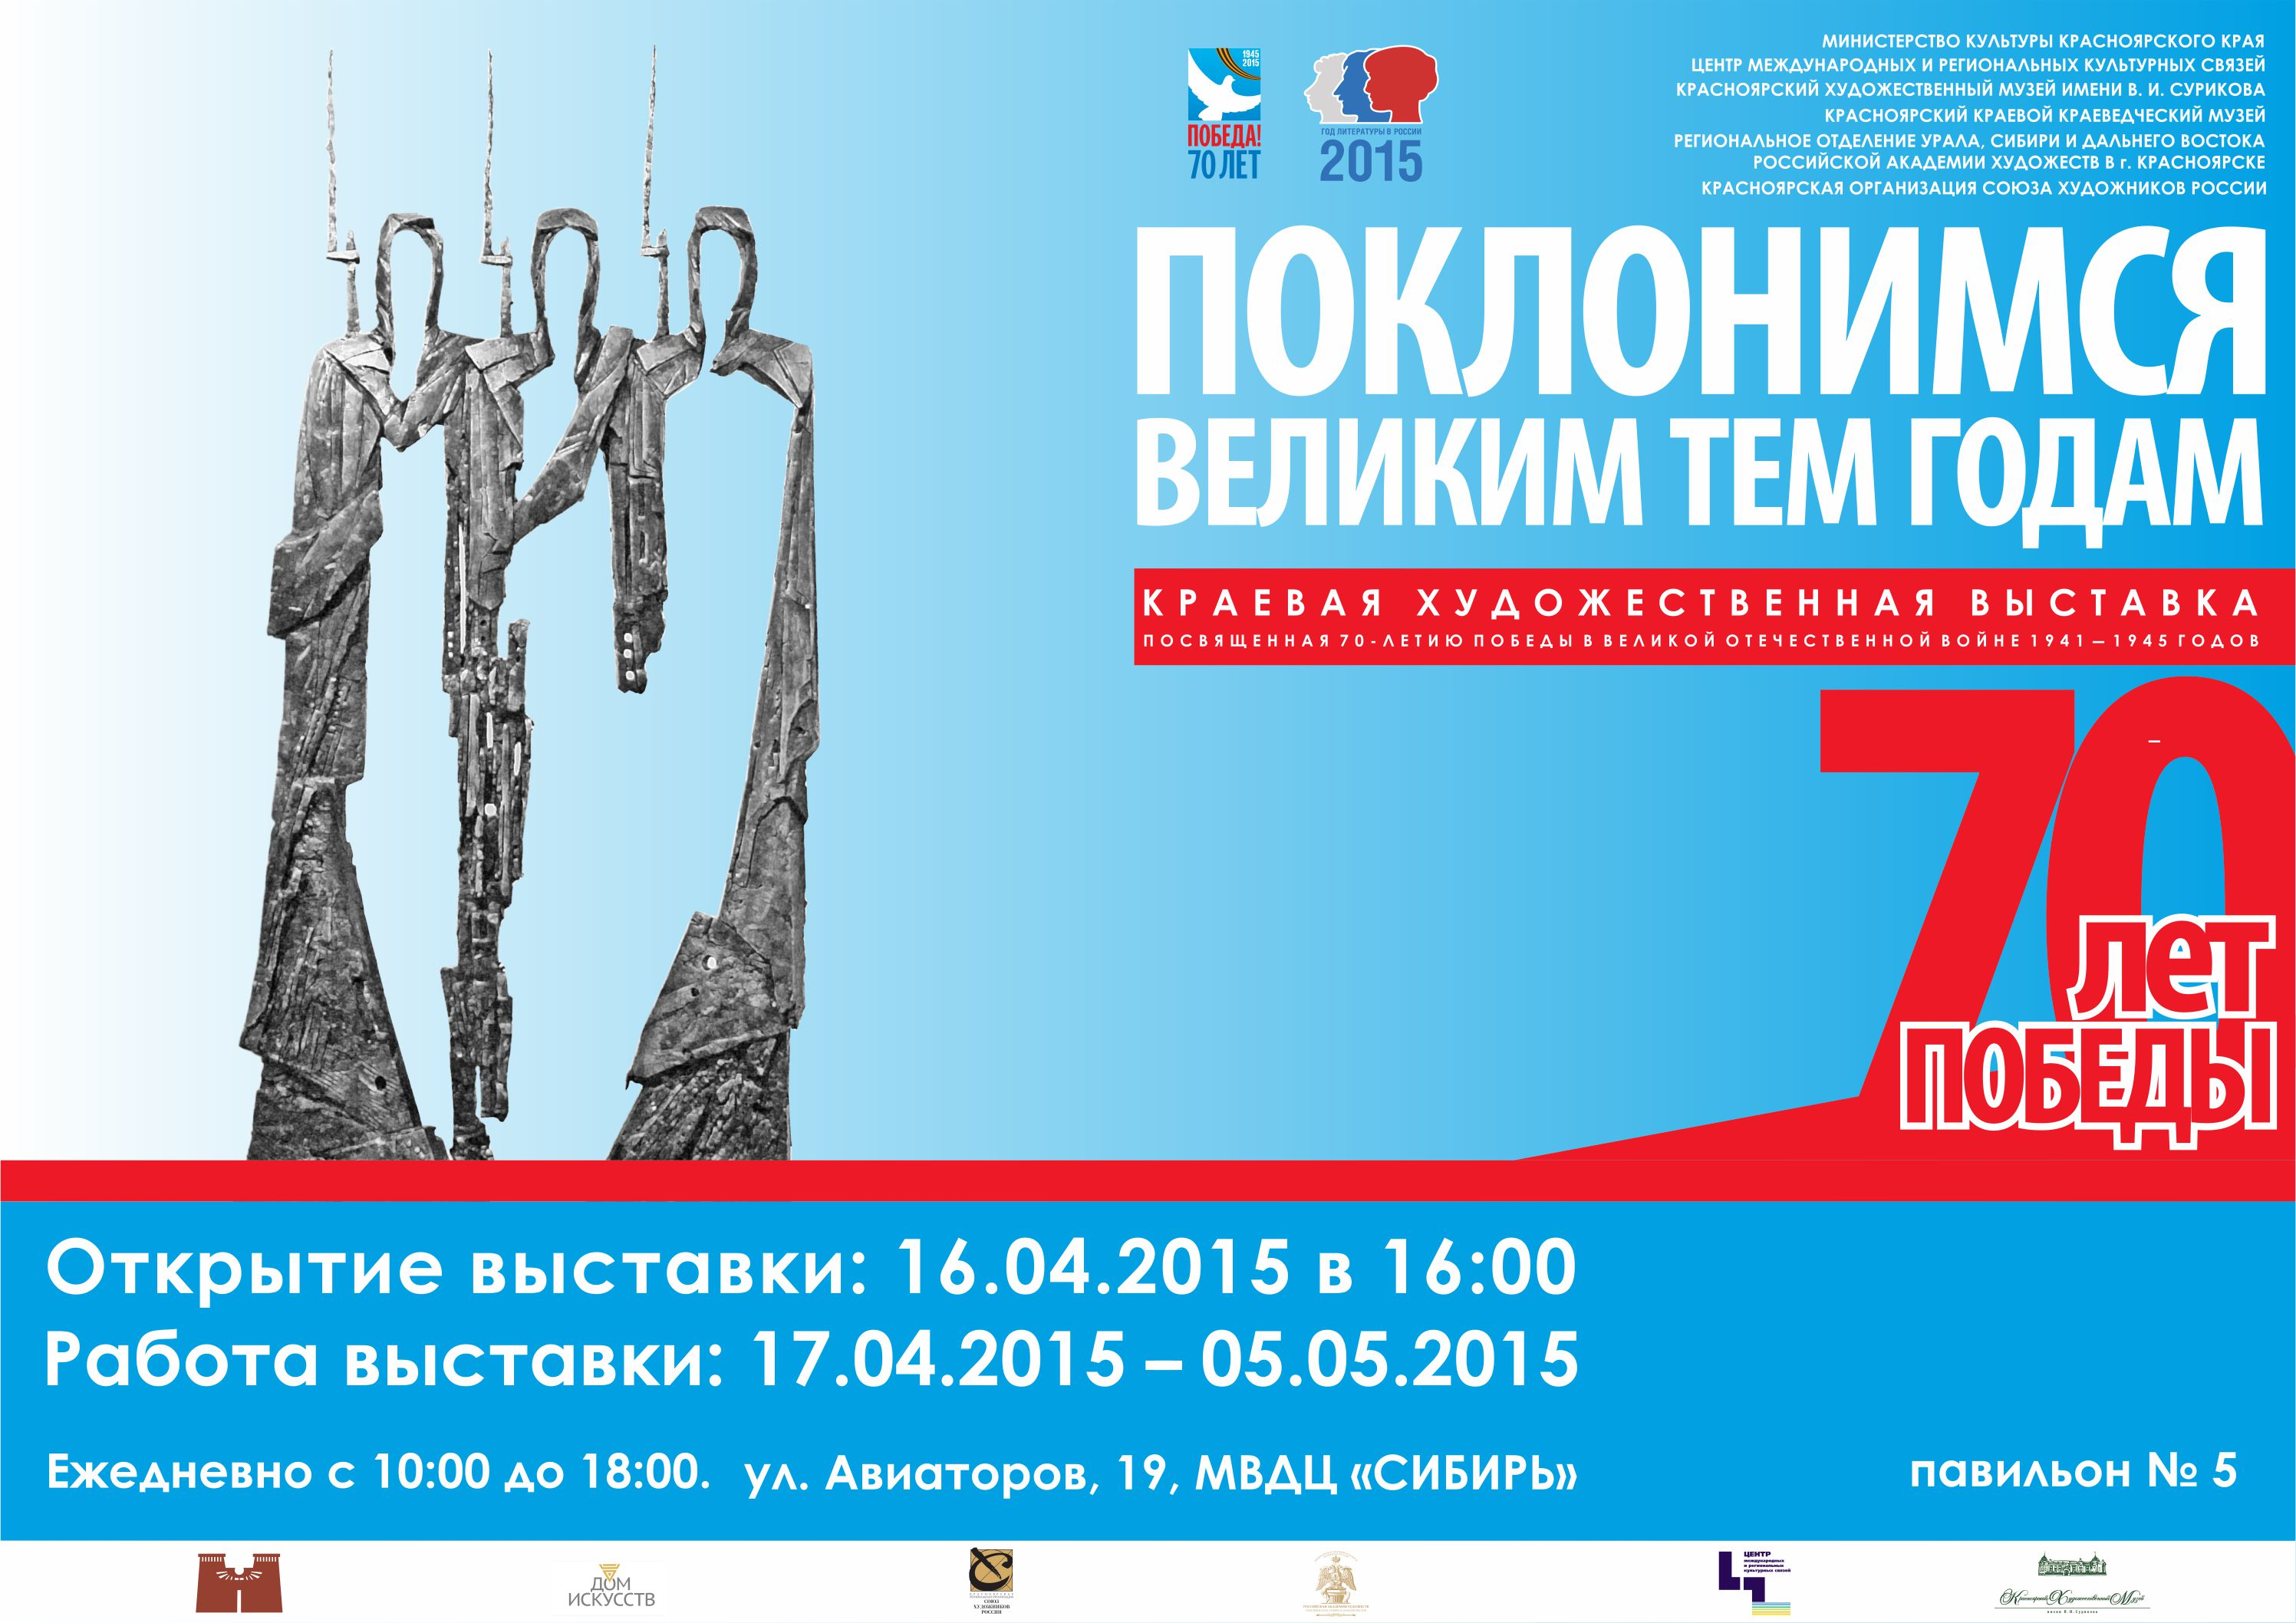 Купин Майя выставка картин в красноярске 2015 новости Воронеж, Белгород